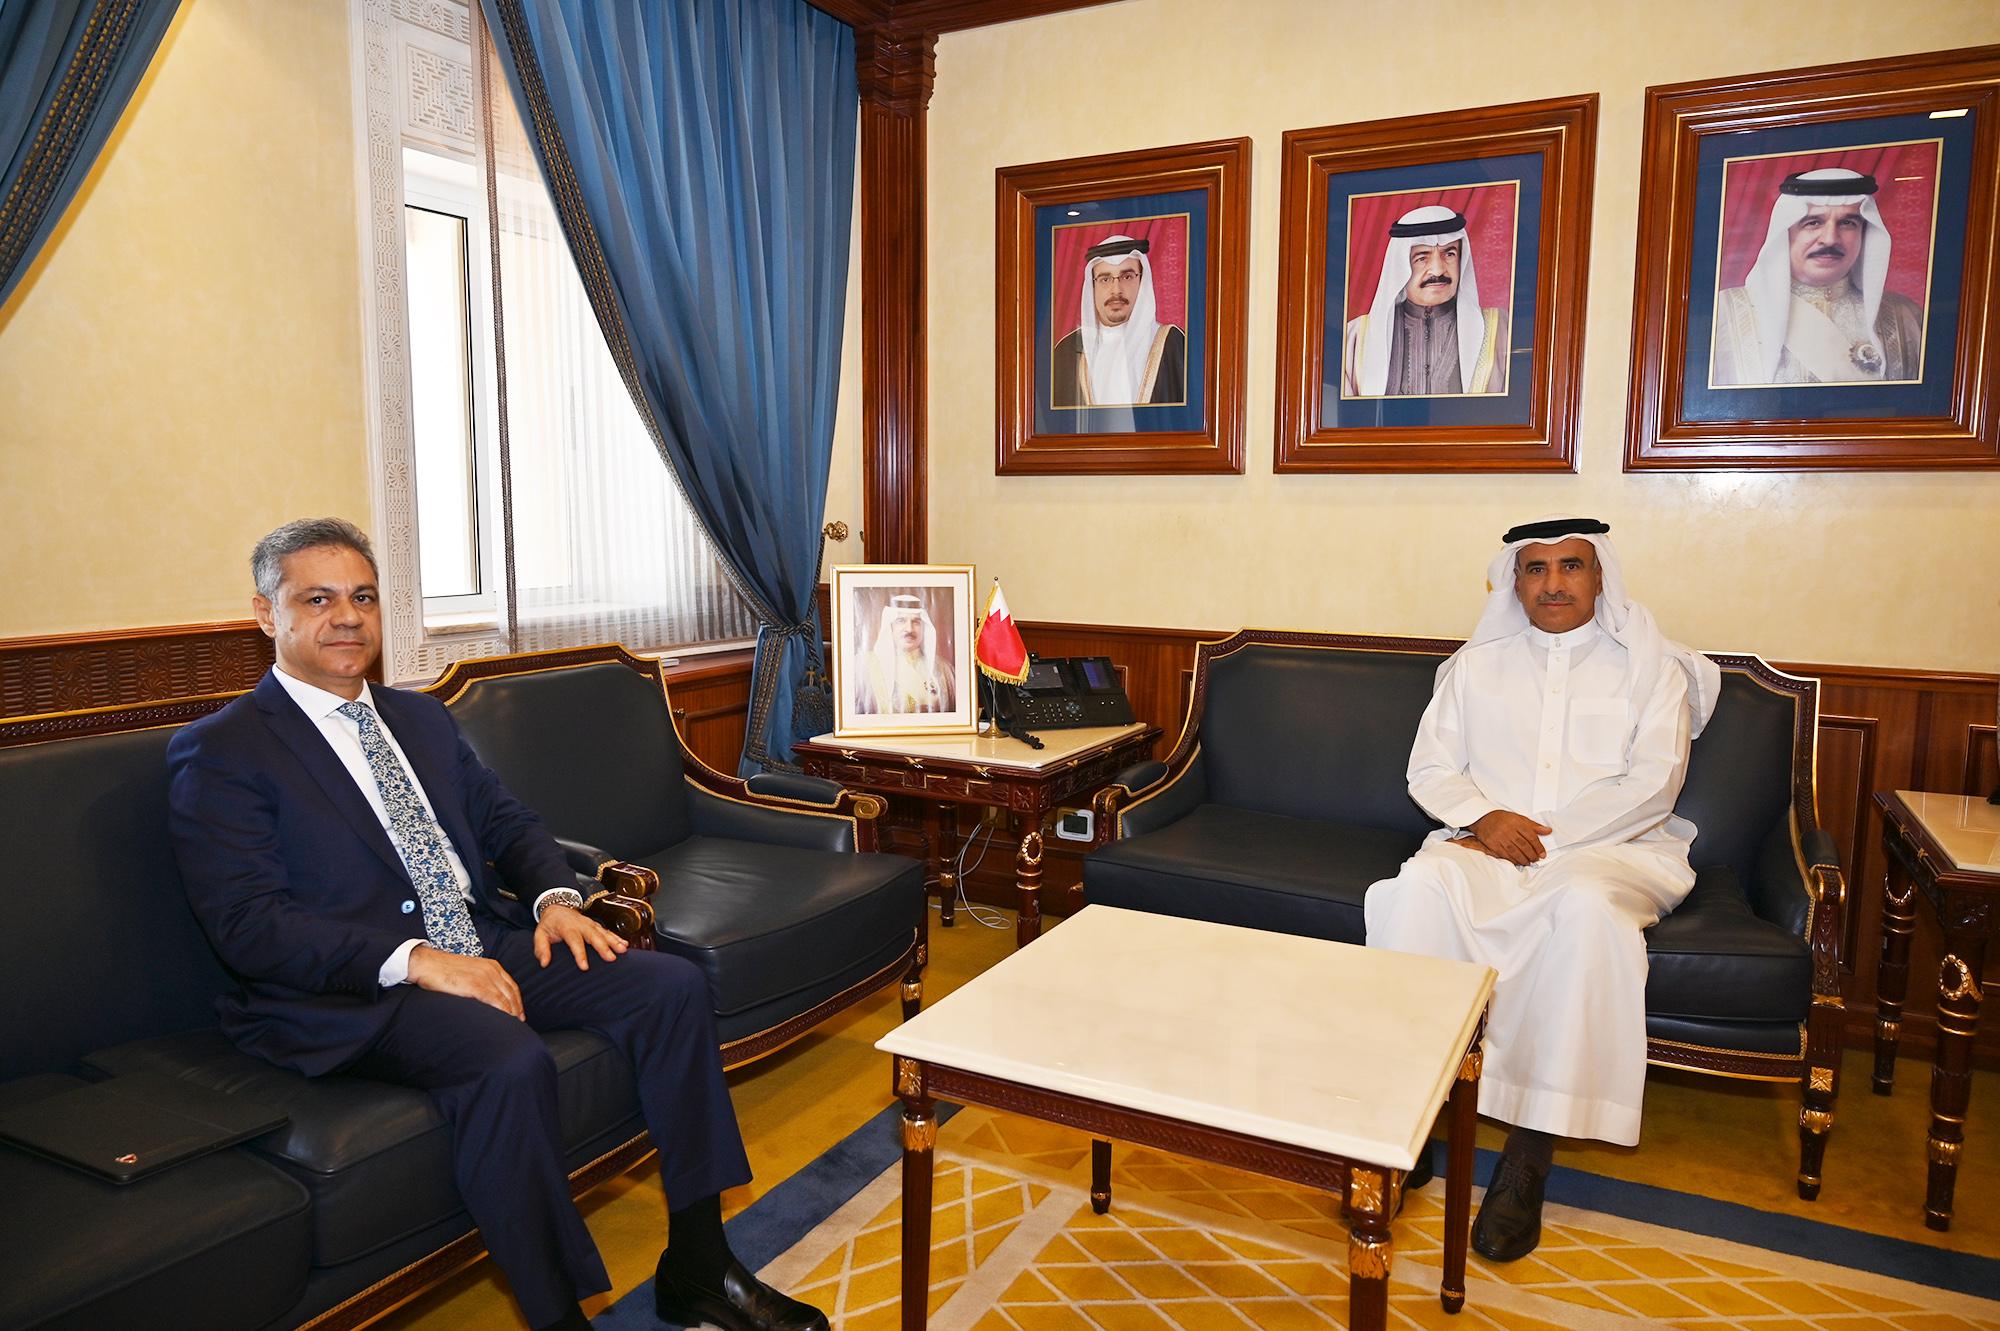 وزير الإسكان يستقبل الدكتور محمد علي حسن عضو مجلس الشورى